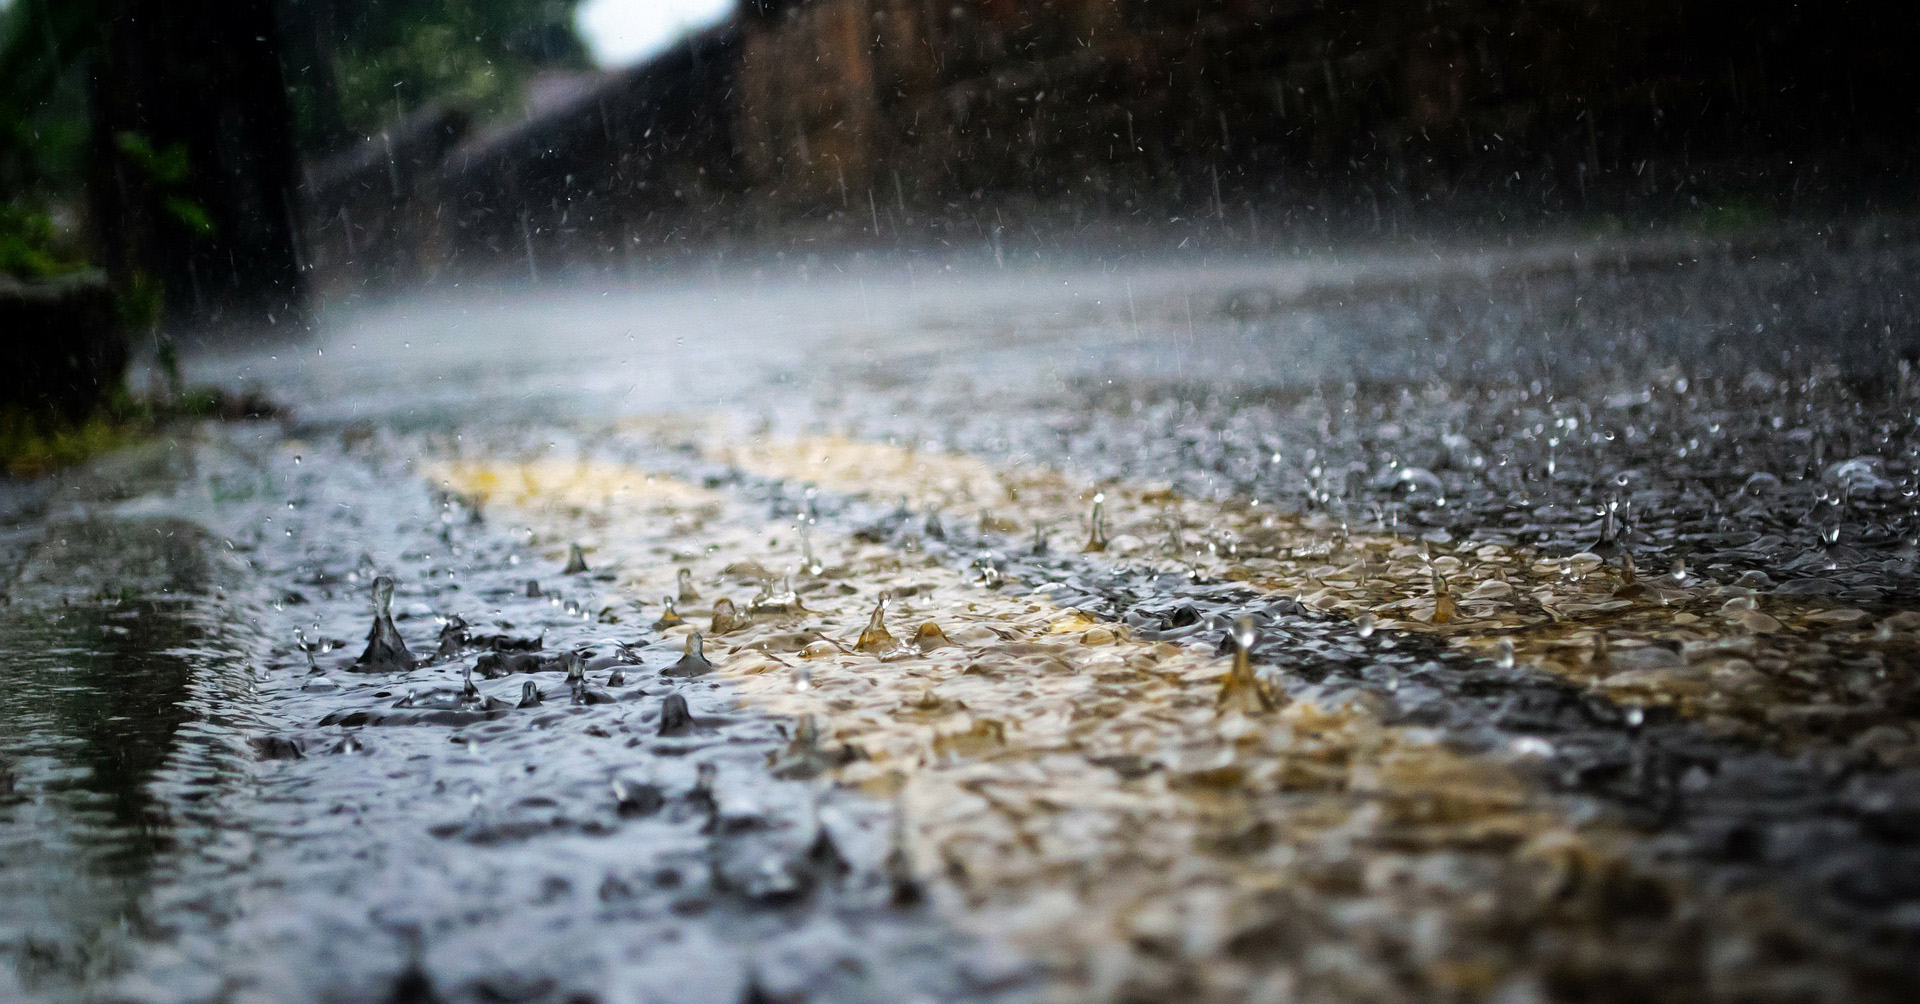 hacker wallpapers rainy day - photo #39